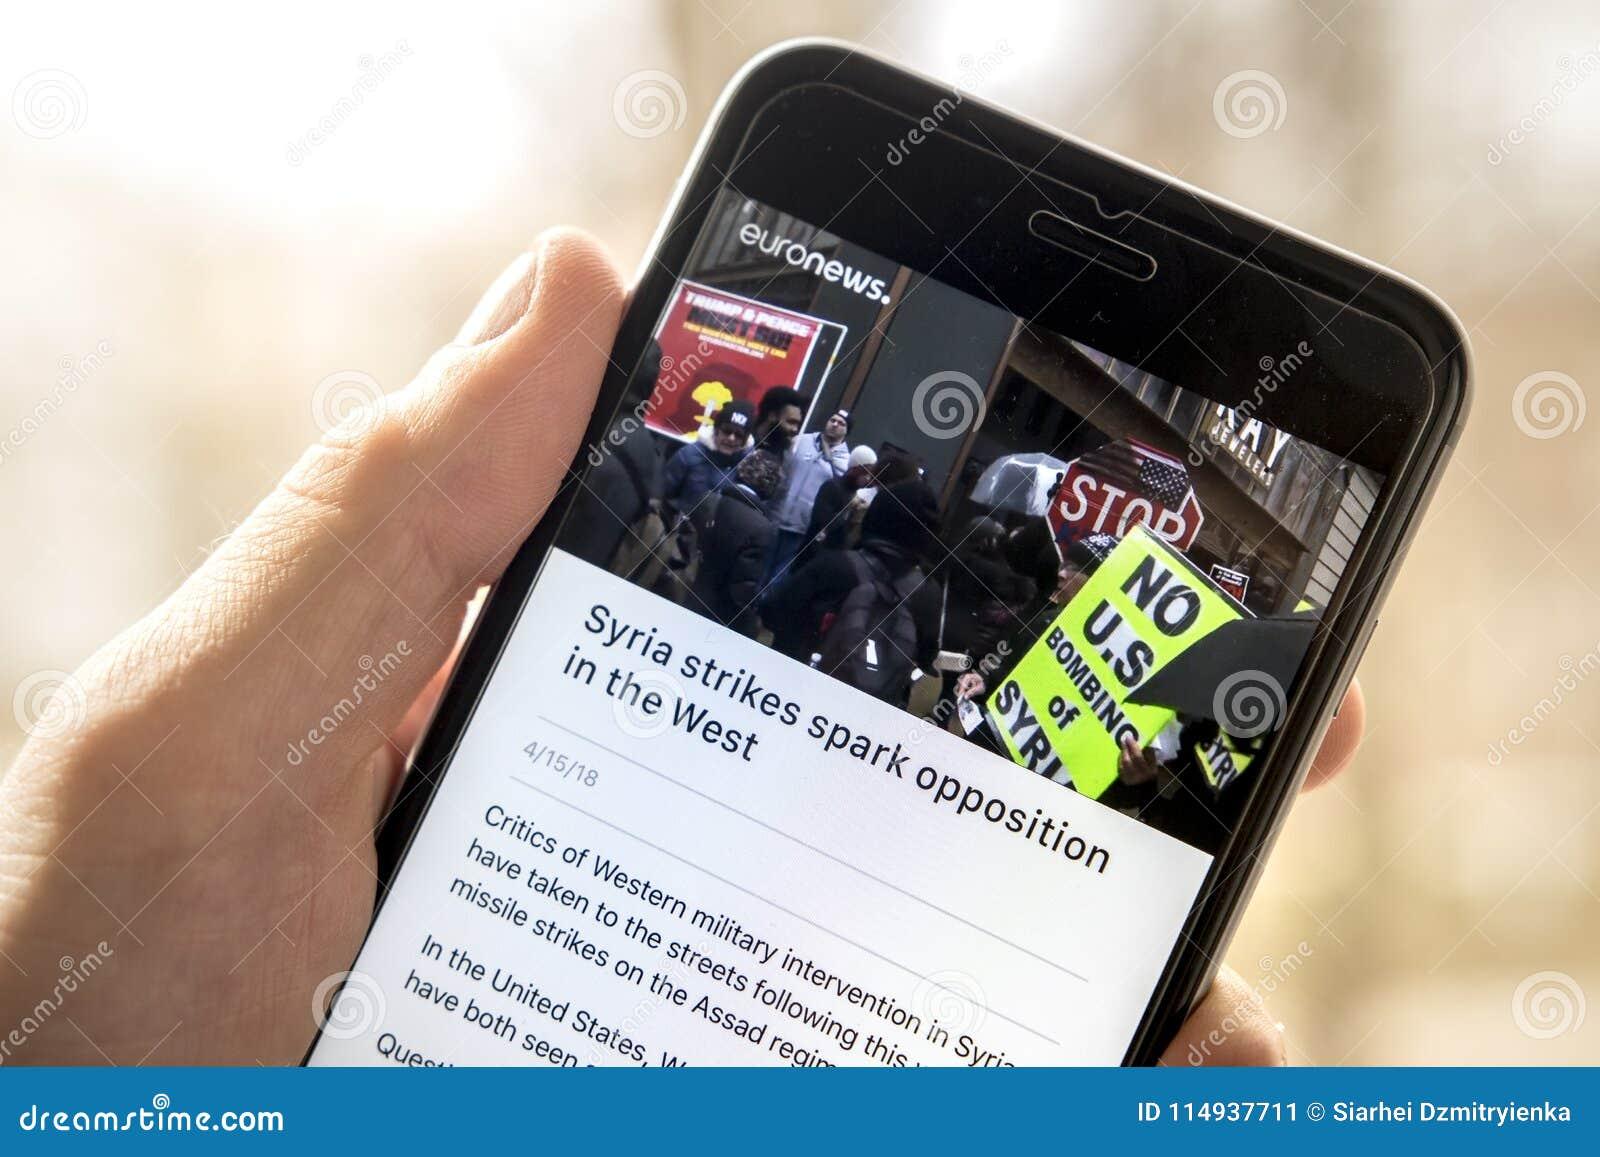 Minsk, Wit-Rusland - April 14, 2018: Het artikel over stakingen in Syrië op het scherm van moderne smartphone in euronews kanalis